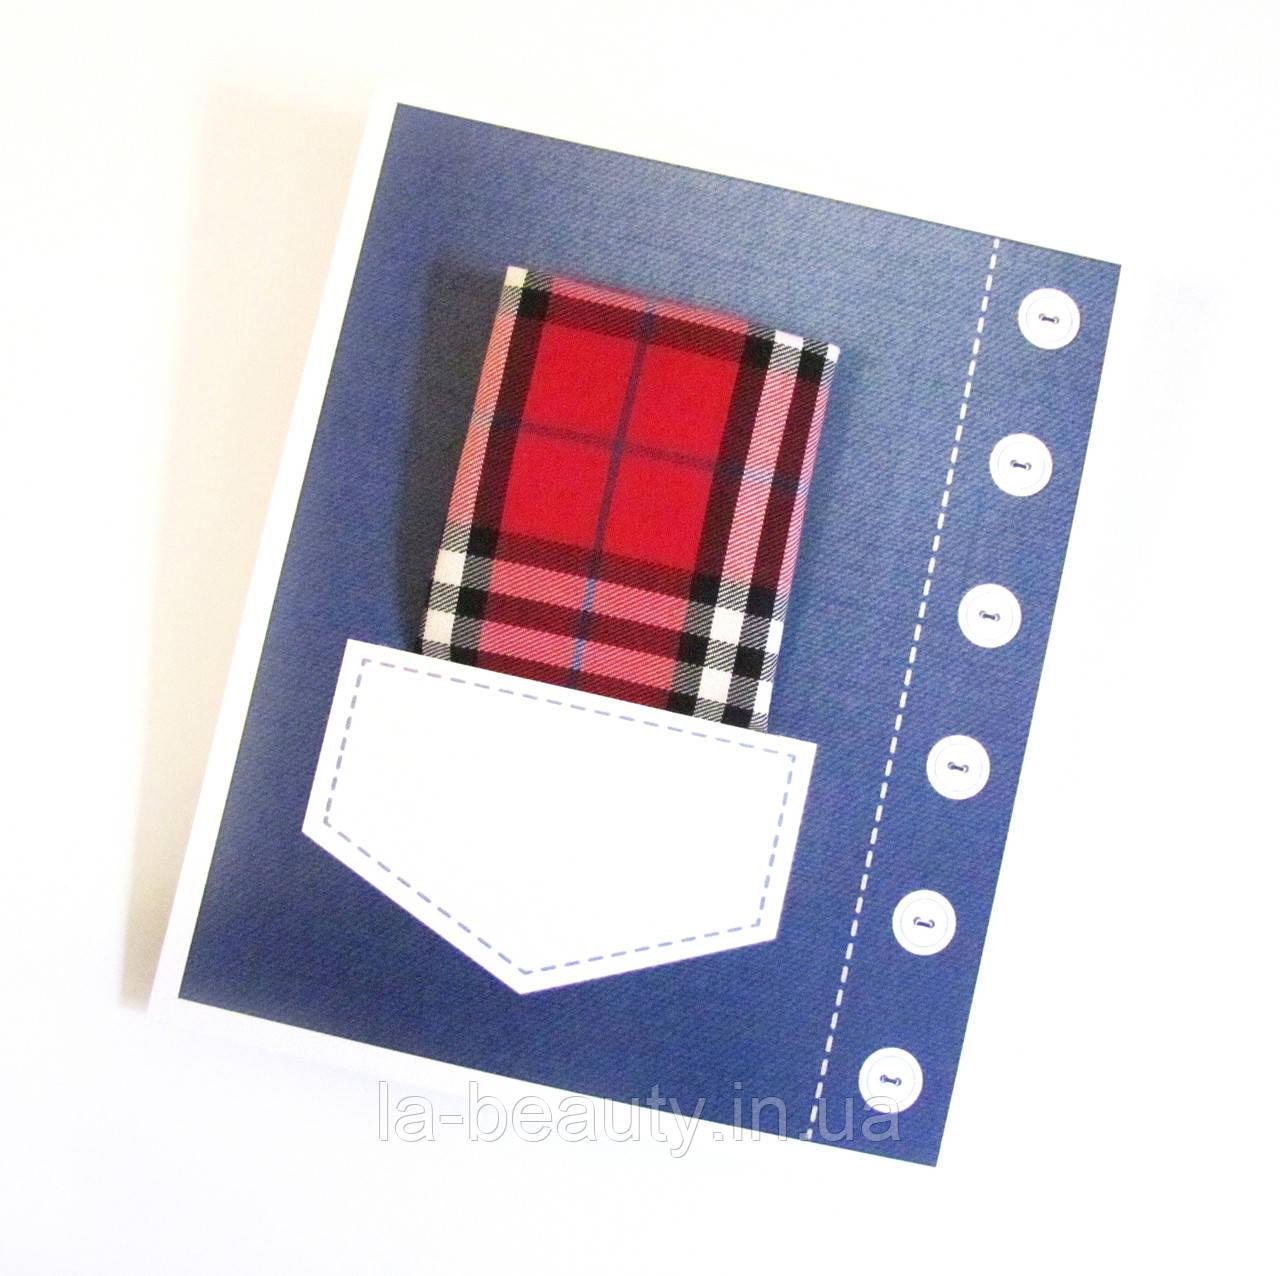 Мужской носовой платок красный клетчатый в кармане с Вашим текстом